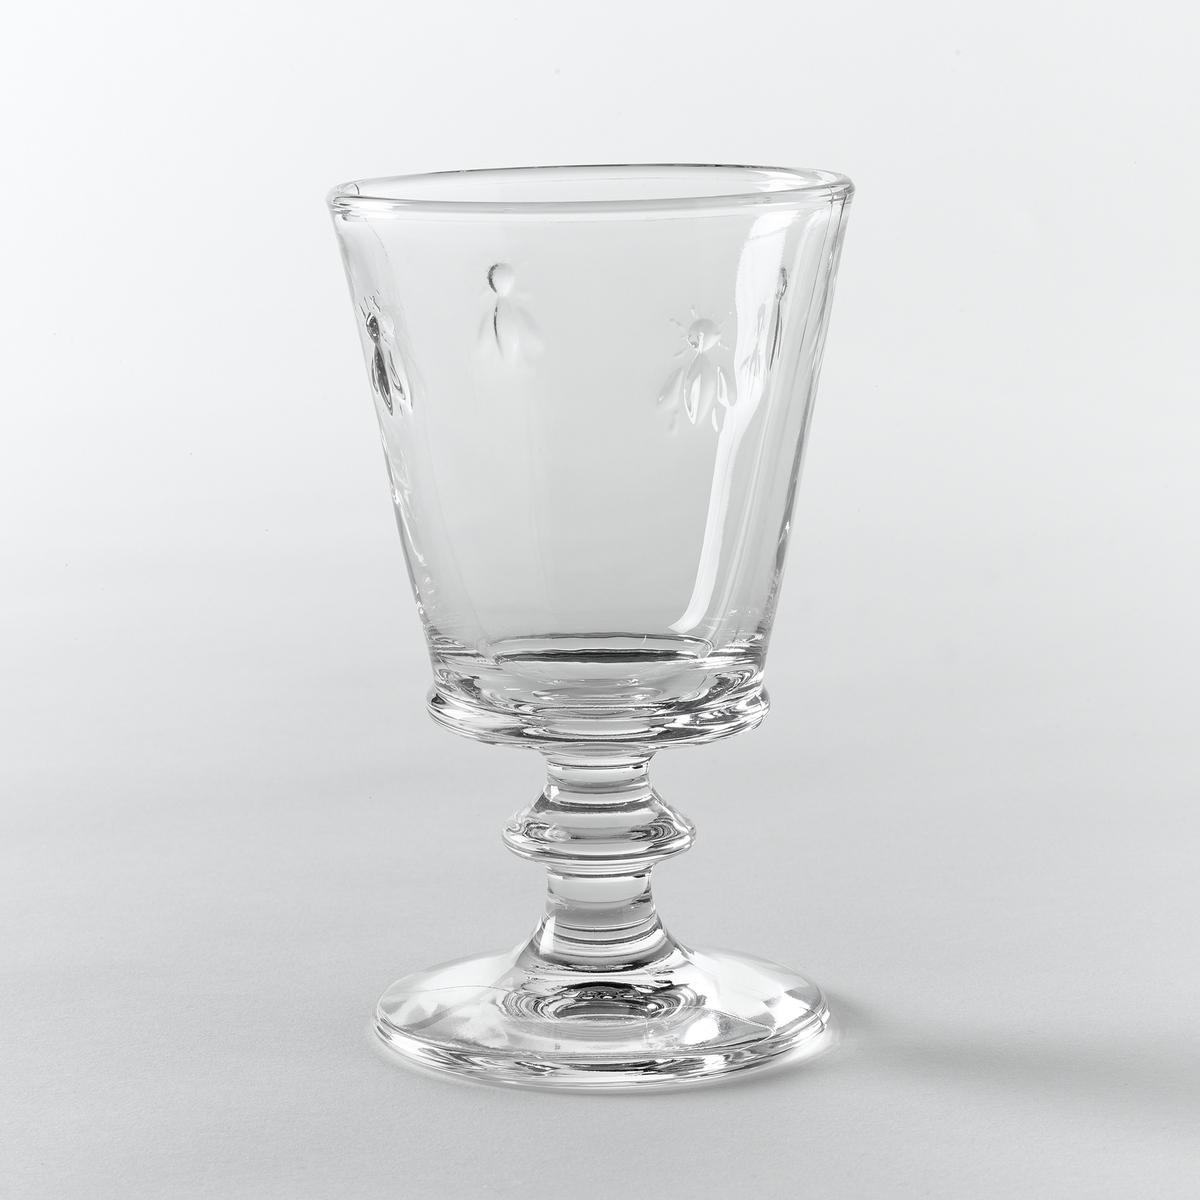 Комплект из 6 стеклянных бокалов для вина с рисунком пчелыХарактеристики 6 стеклянных бокалов для вина с рисунком пчелы :- Прессованное стекло, очень прочное- Рисунок в виде 4 пчел.- Объем 24 см3.- Диаметр 9 x Высота 14,10 см.- Можно использовать в посудомоечной машине.- Произведено во Франции.Откройте для себя бокалы для воды того же набора на сайте laredoute.ru<br><br>Цвет: стеклянный прозрачный